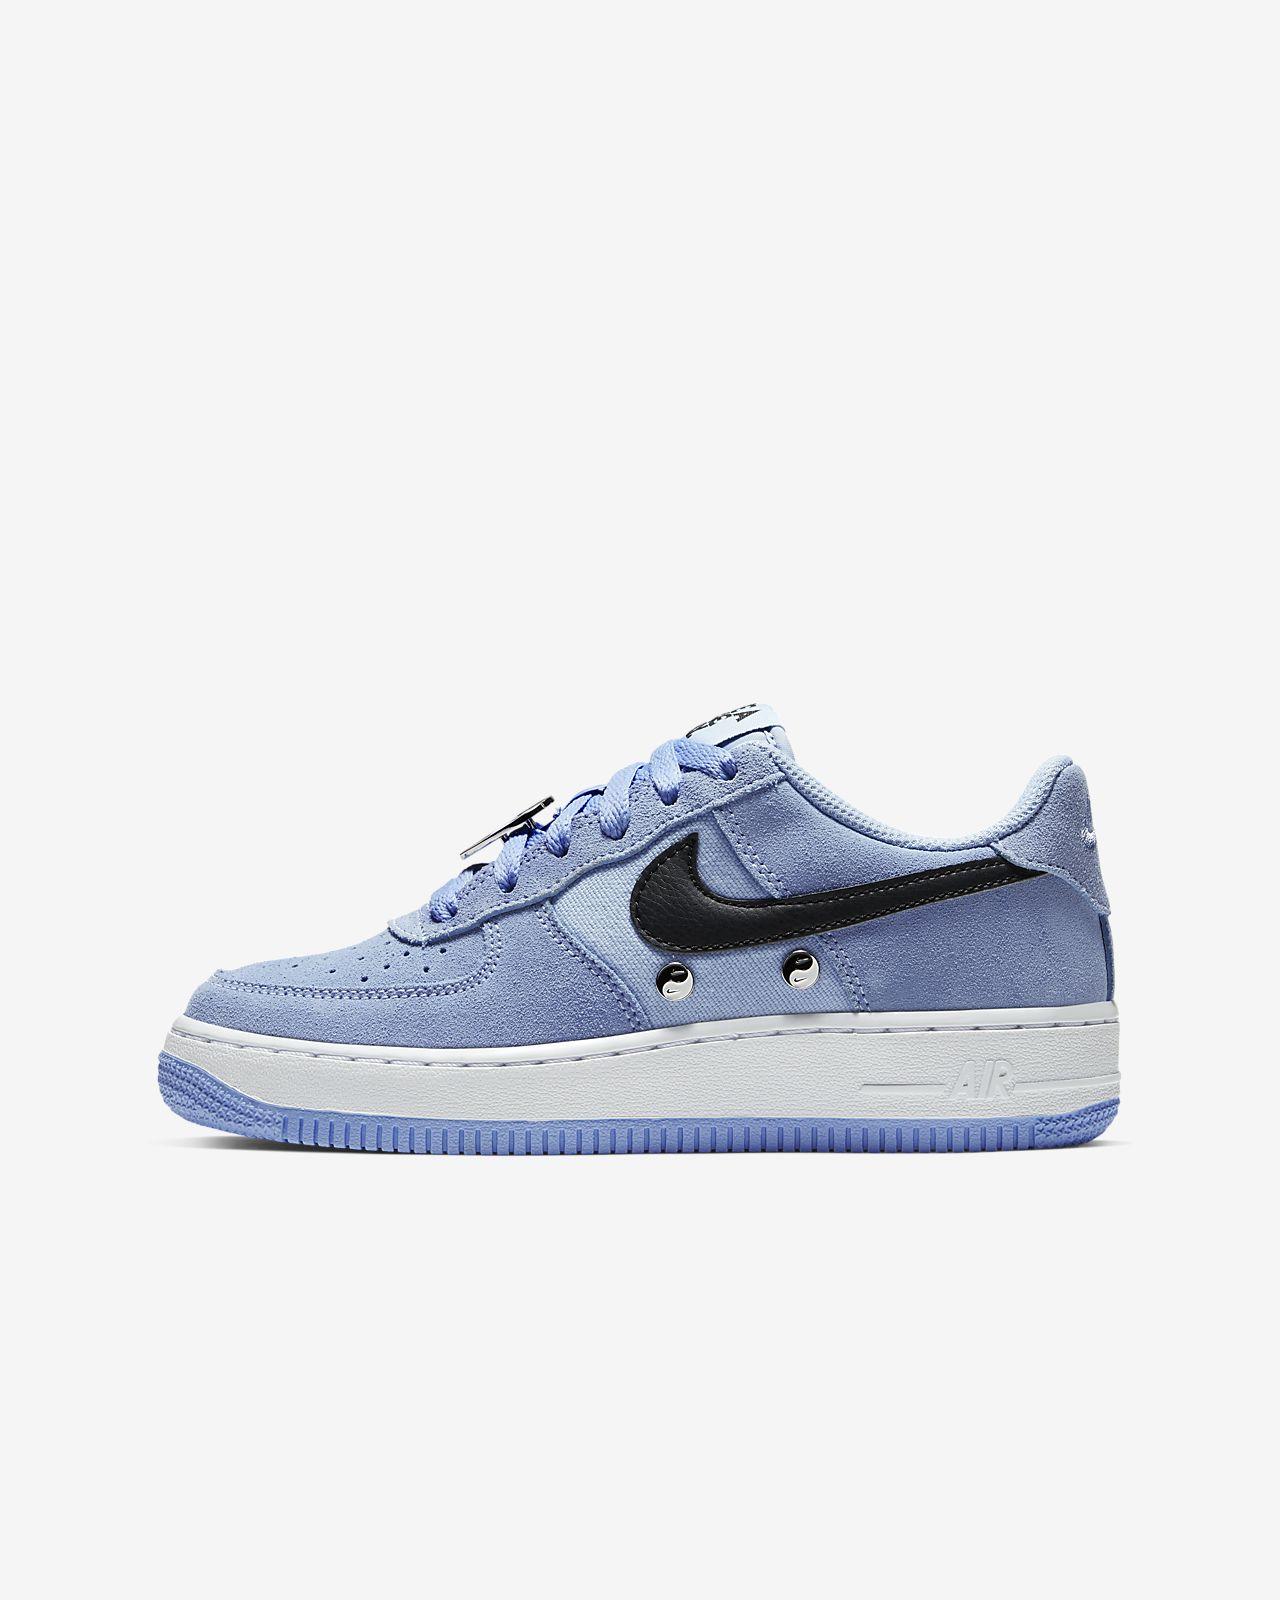 Nike Air Force 1 LV8 Genç Çocuk Ayakkabısı